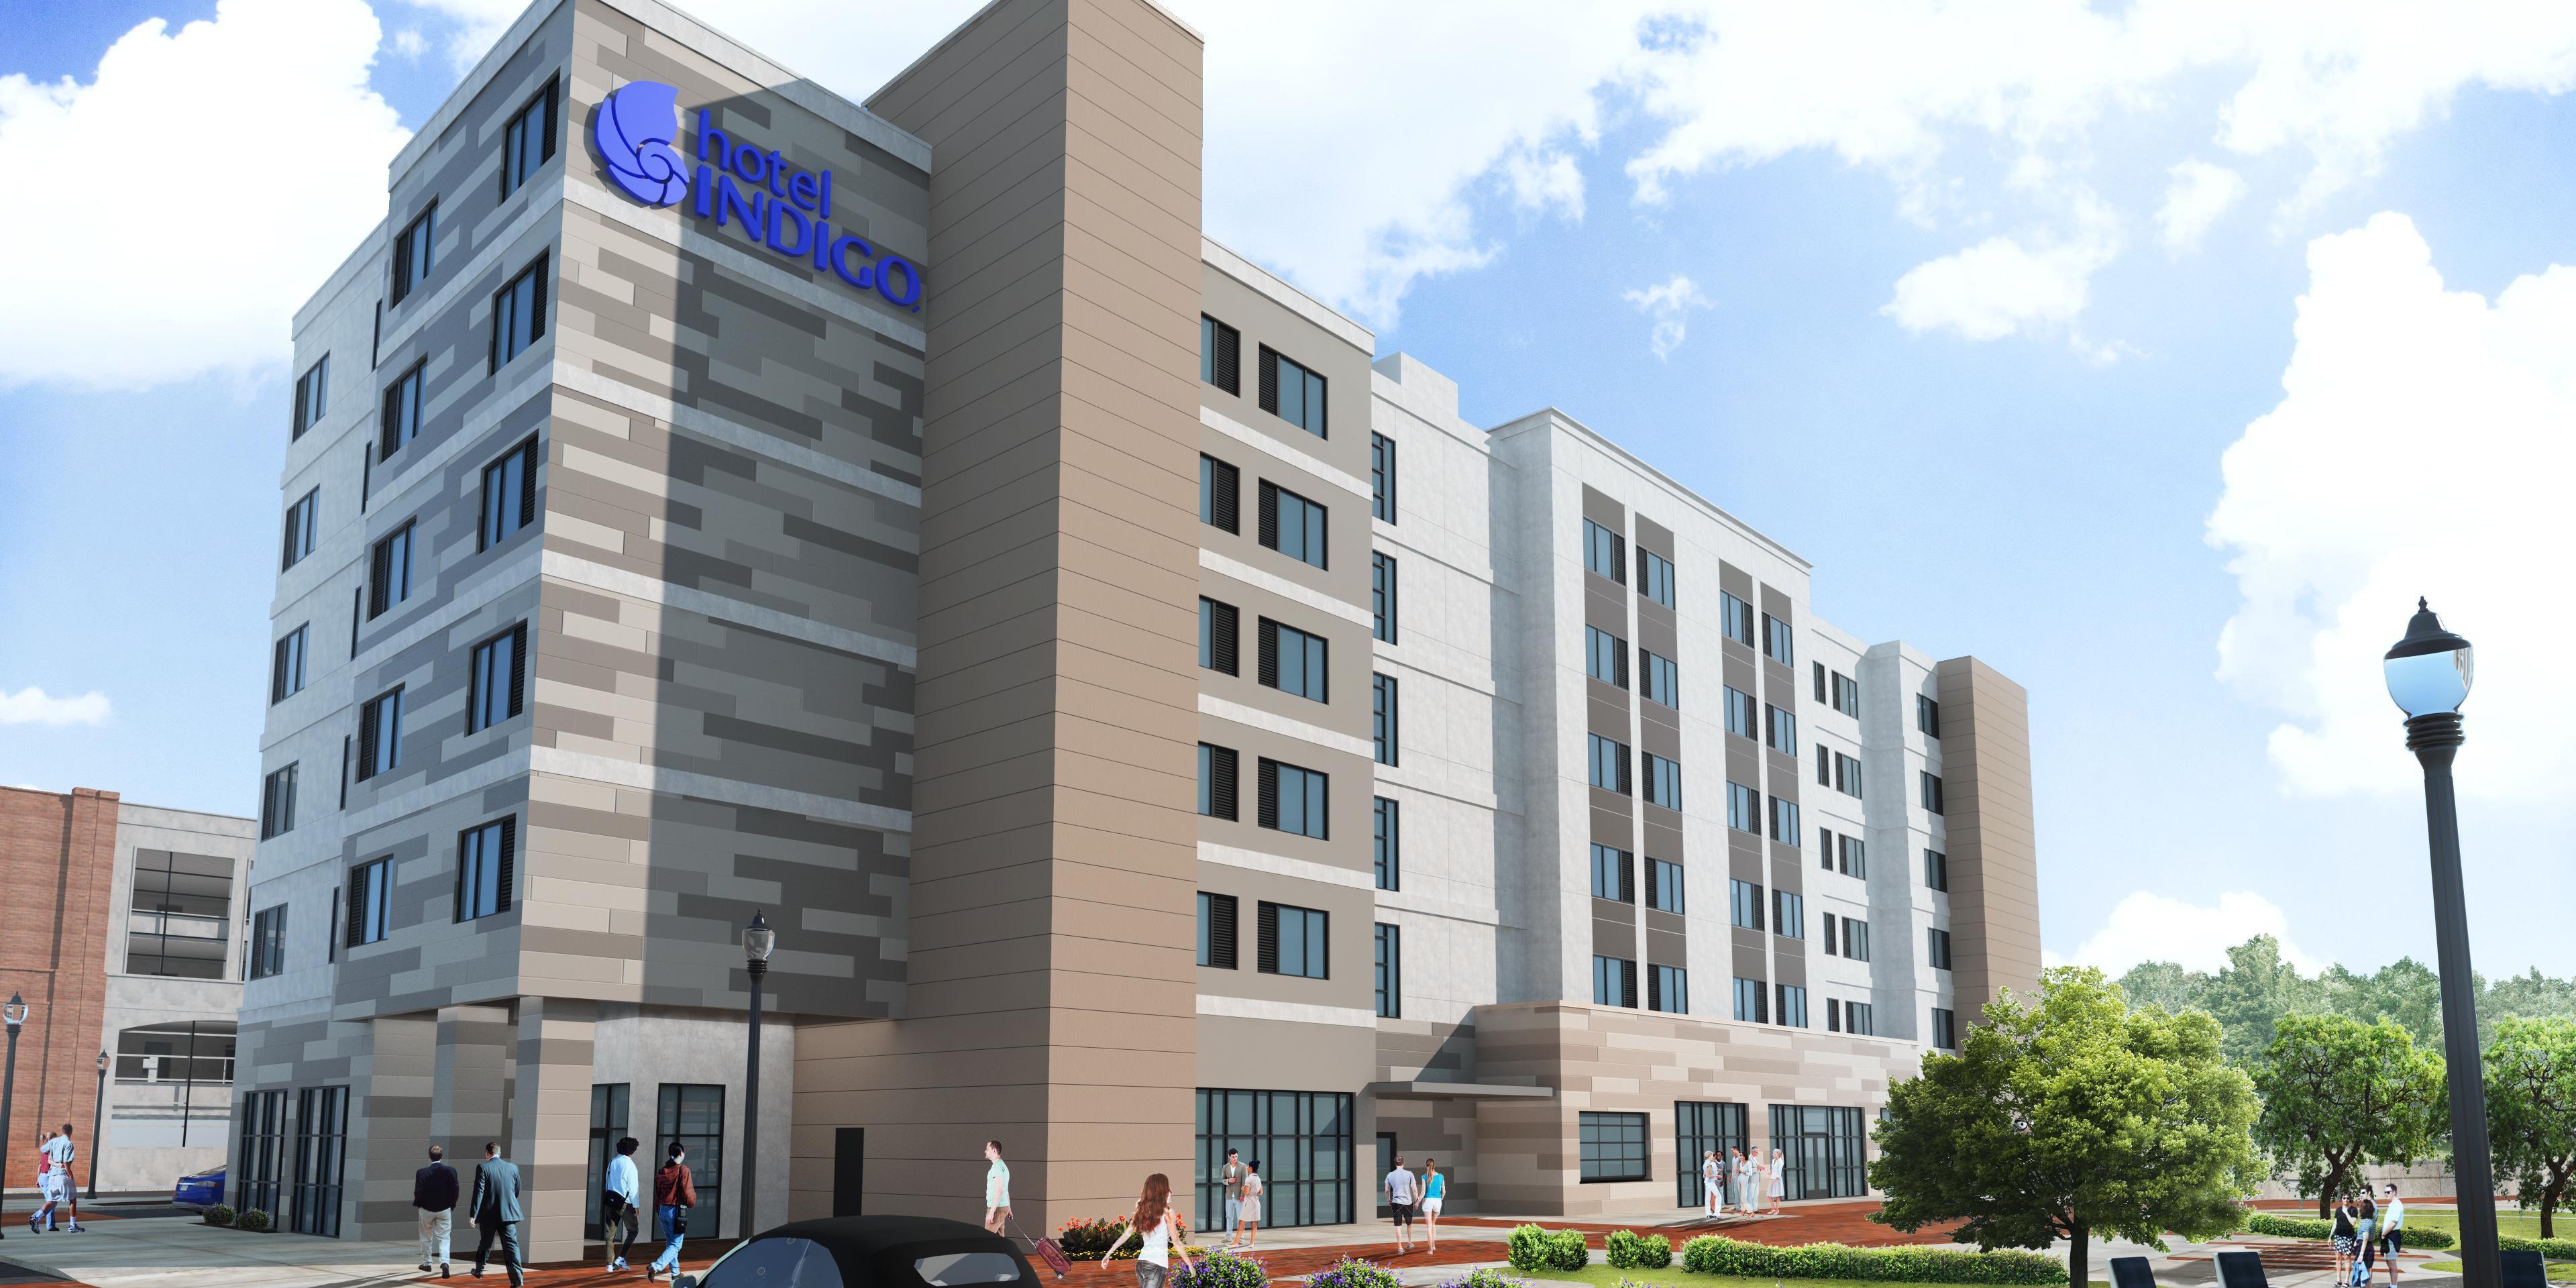 Gainesville Hotels Hotel Indigo Celebration Pointe In Florida